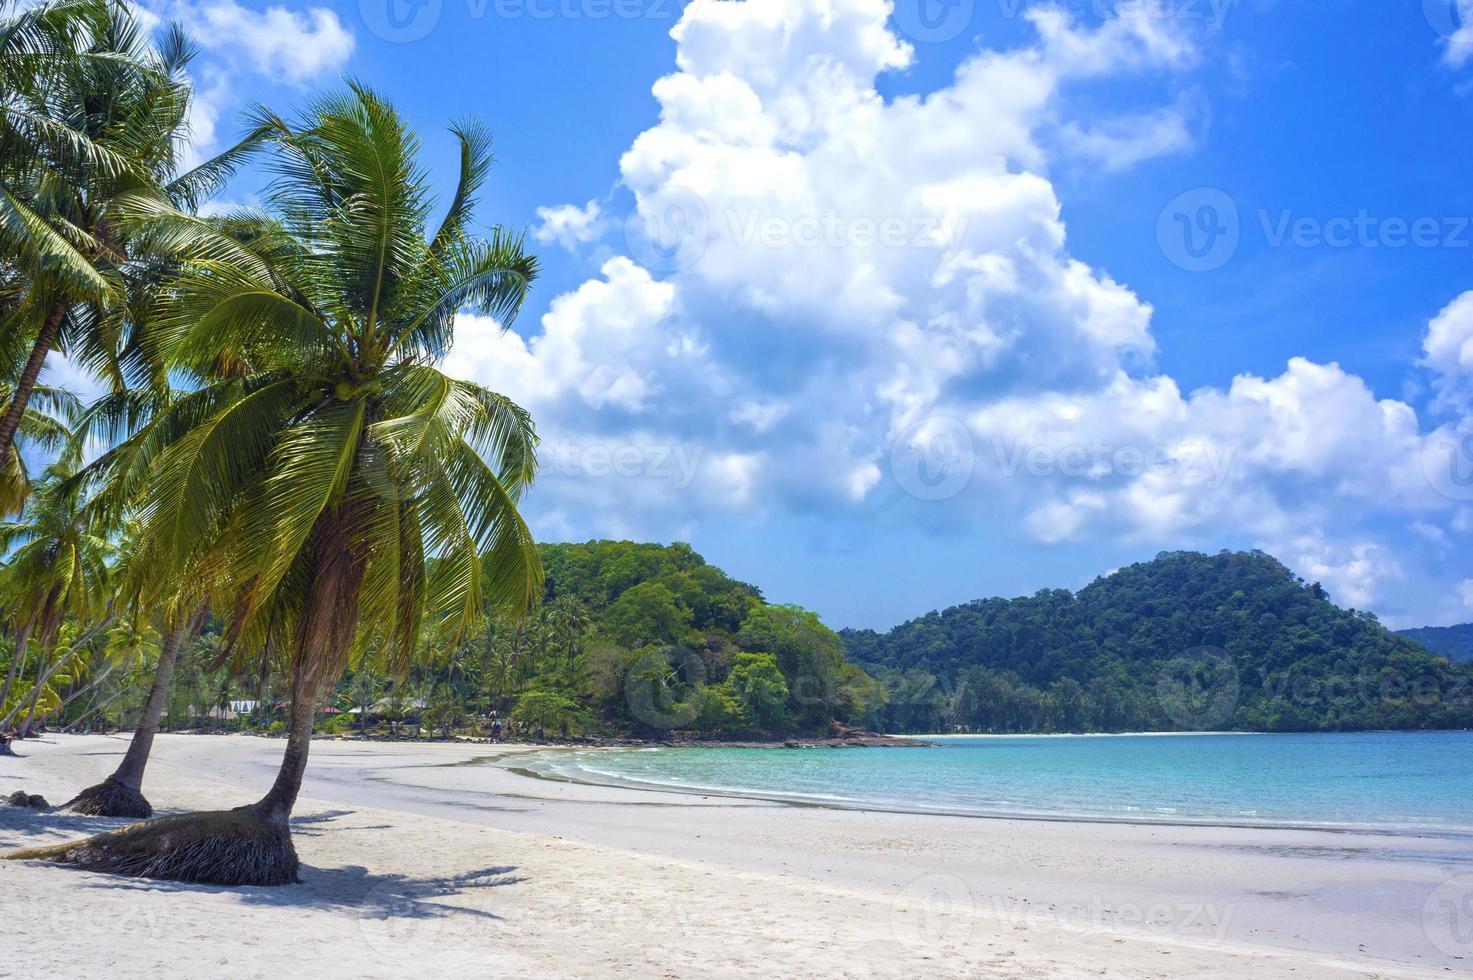 tropisch resort met een groene lagune en palmboom foto